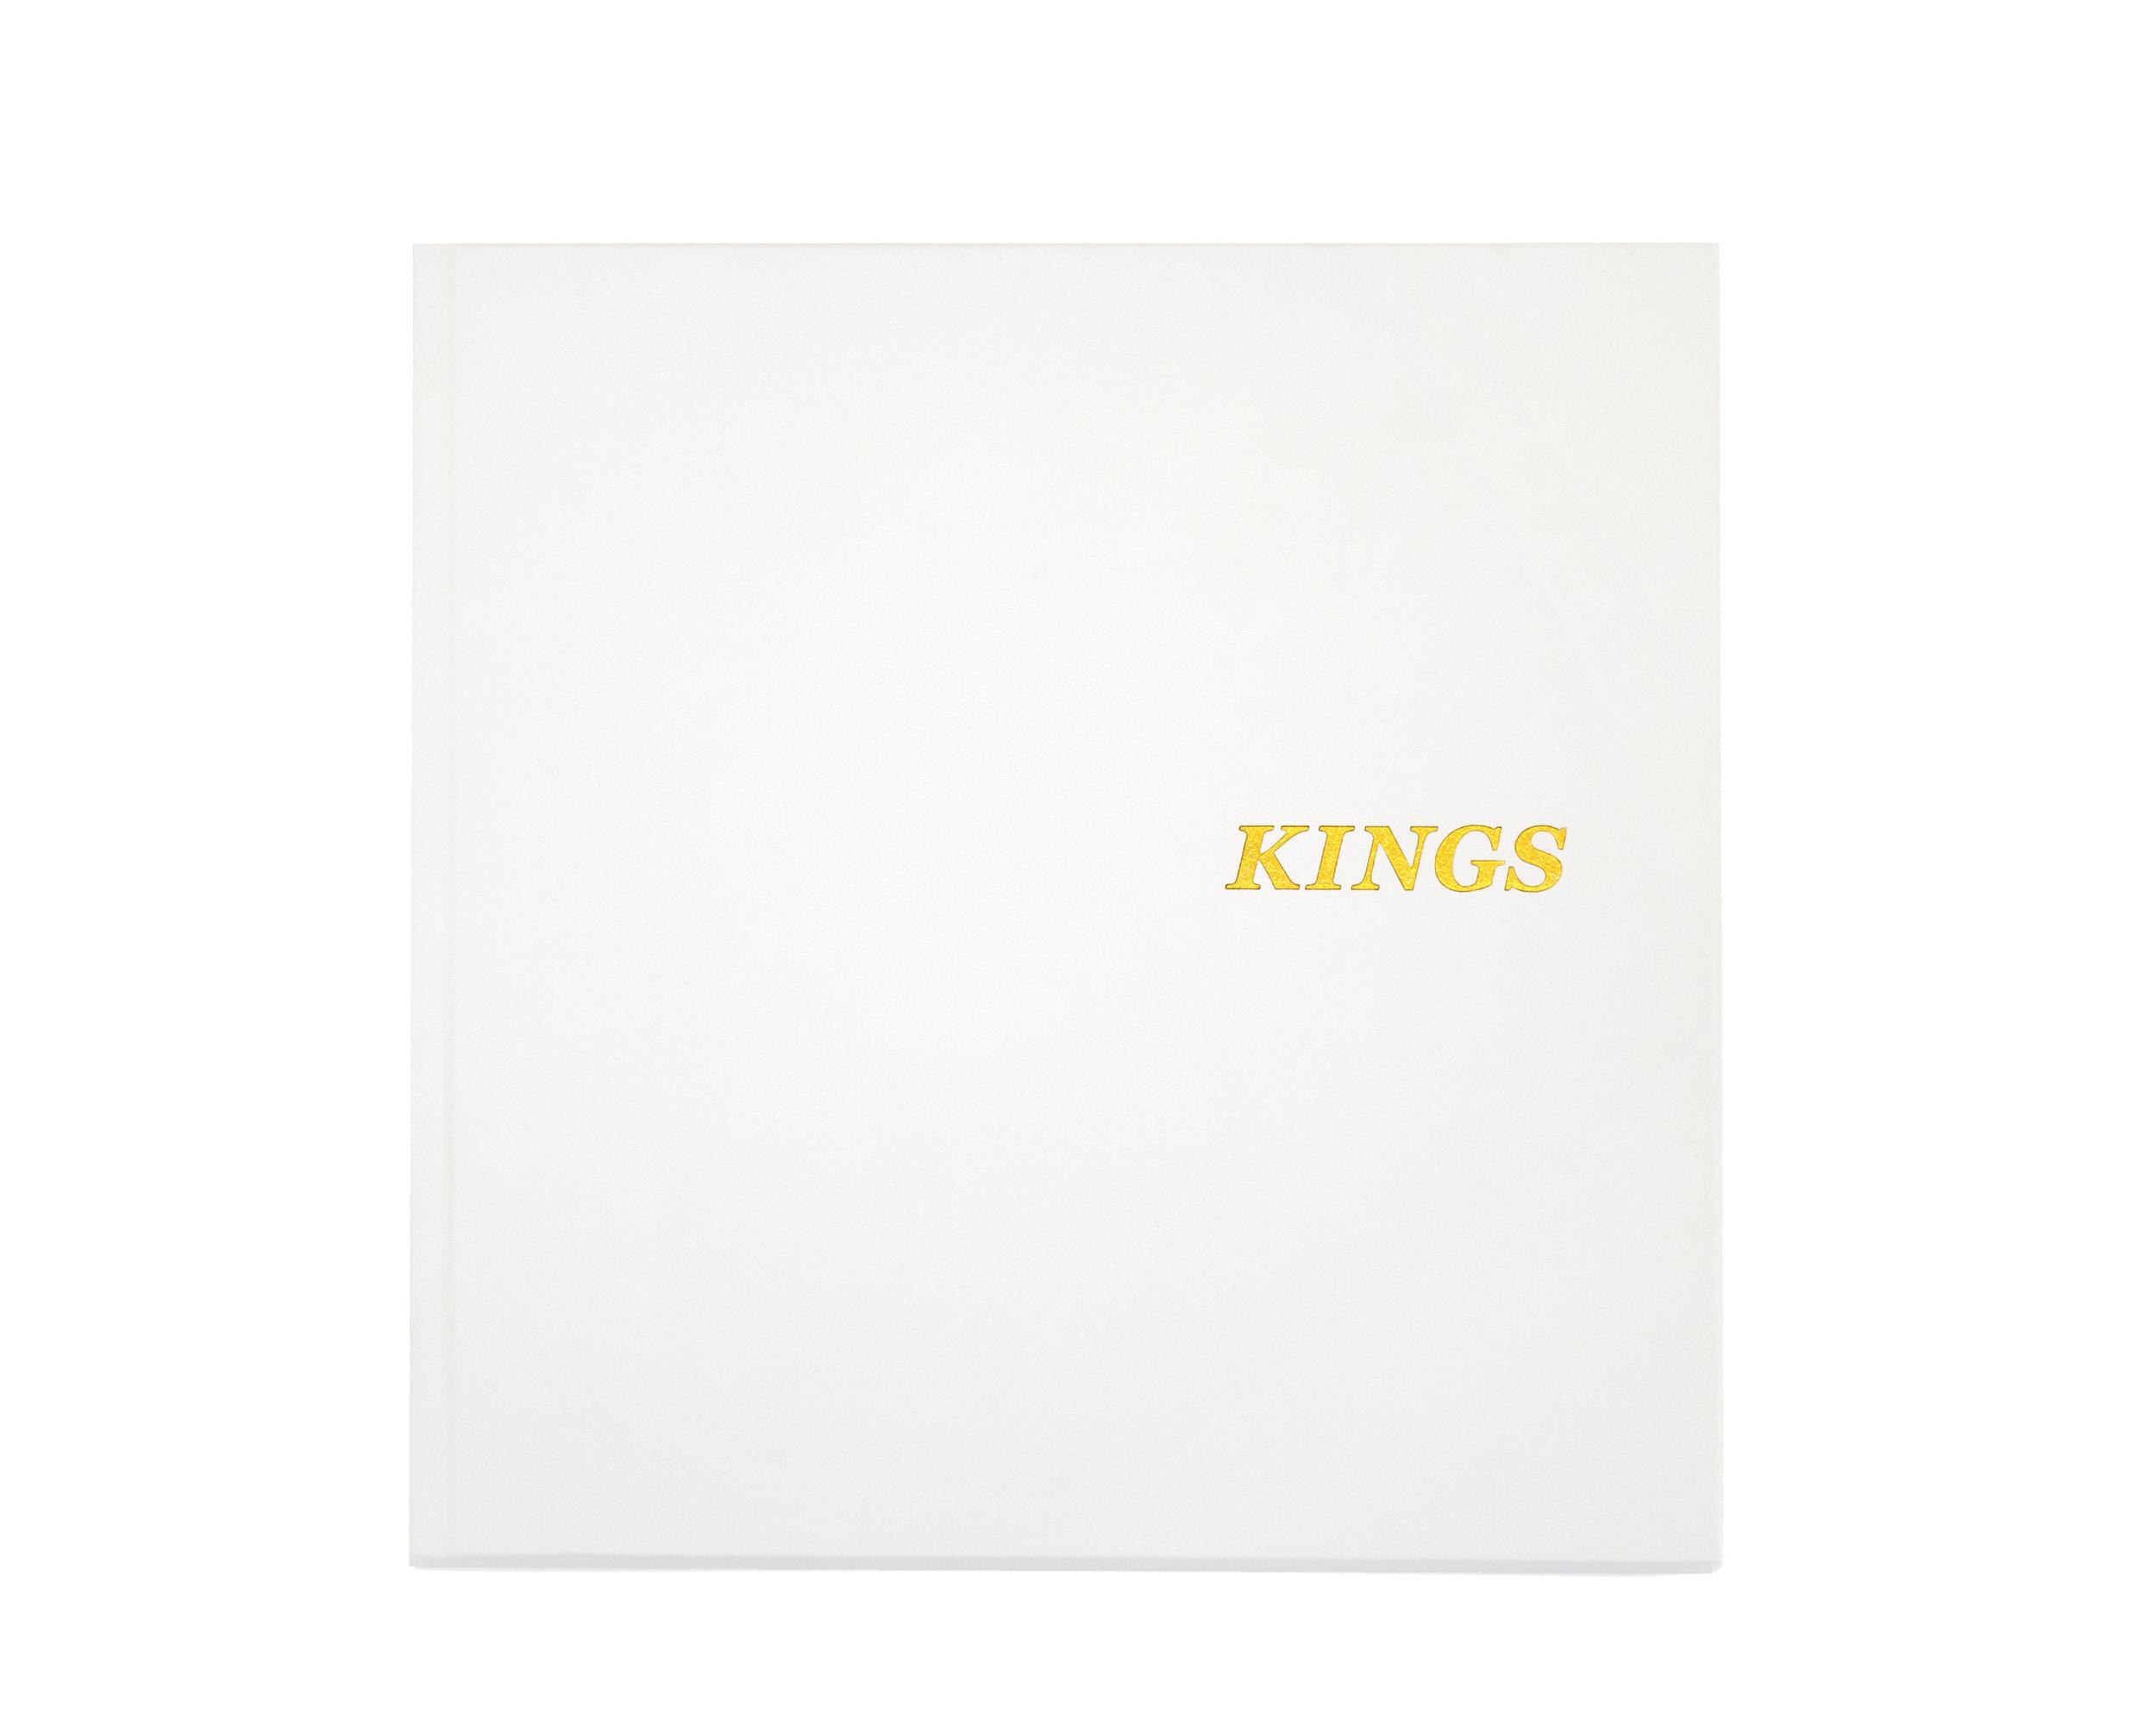 kings_01_nobg.jpg